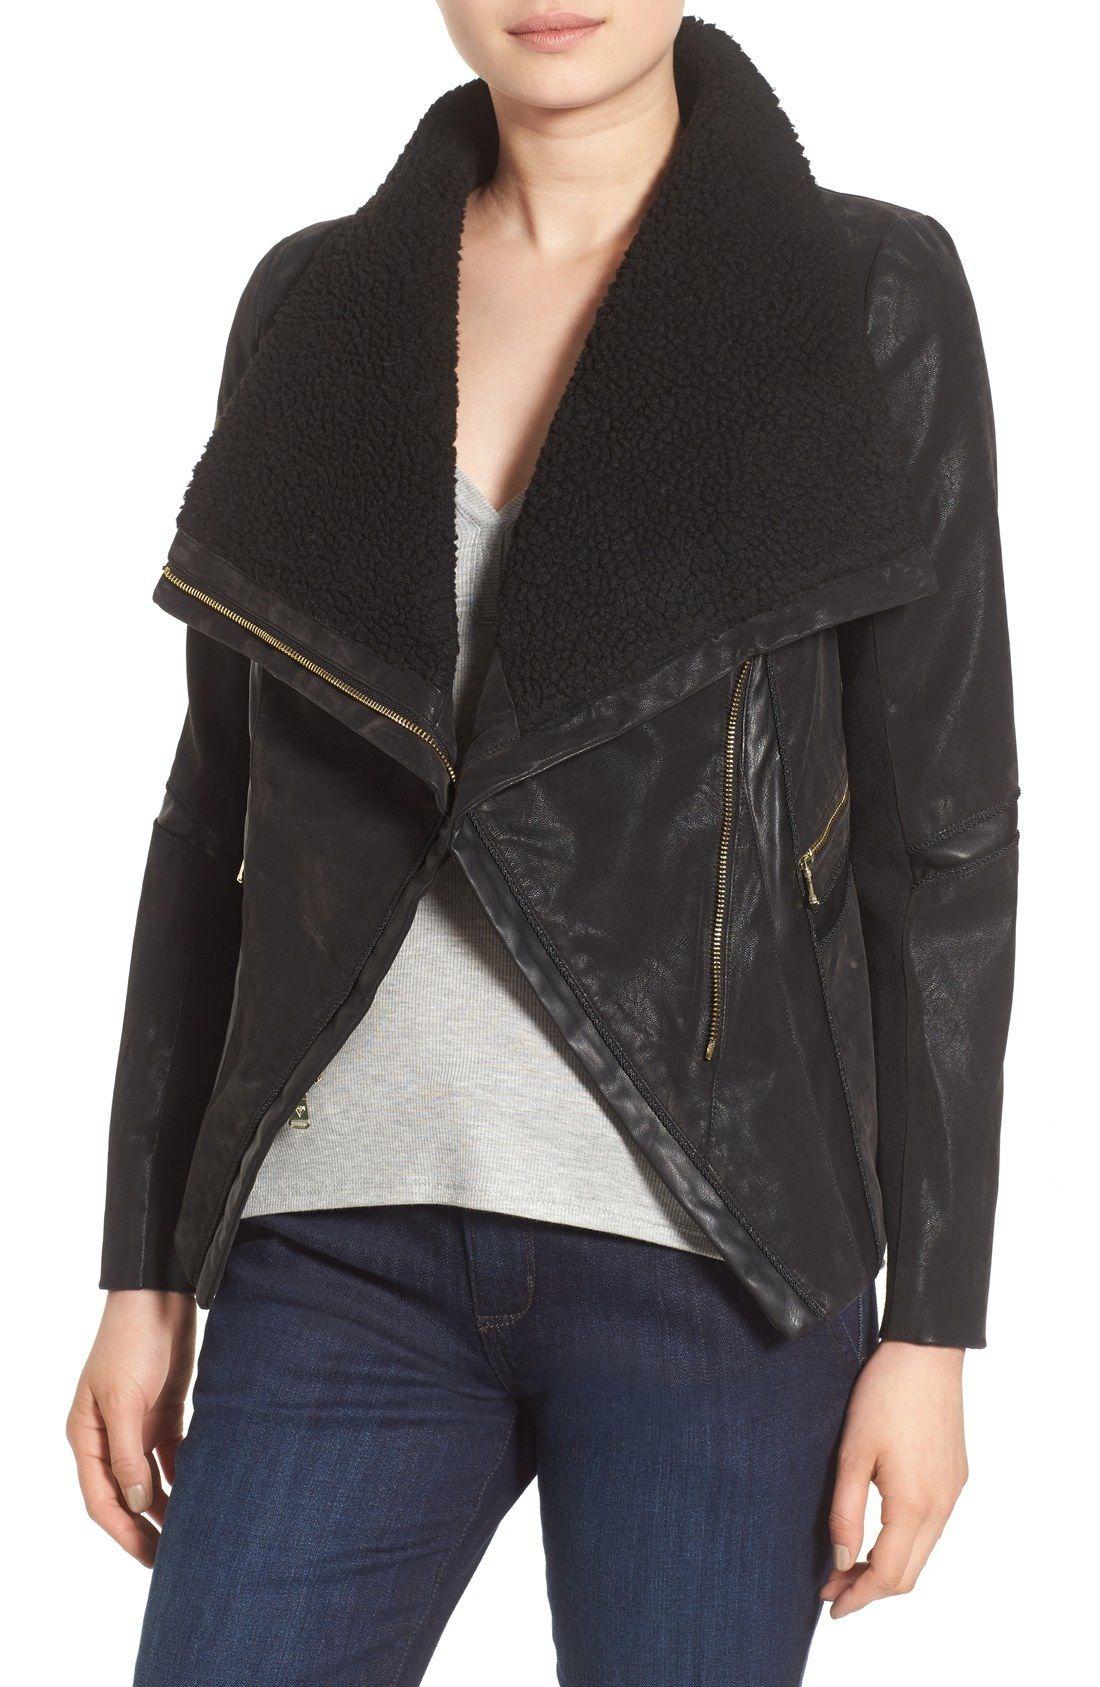 GUESS Faux Leather Moto Jacket with Faux Fur Trim Faux